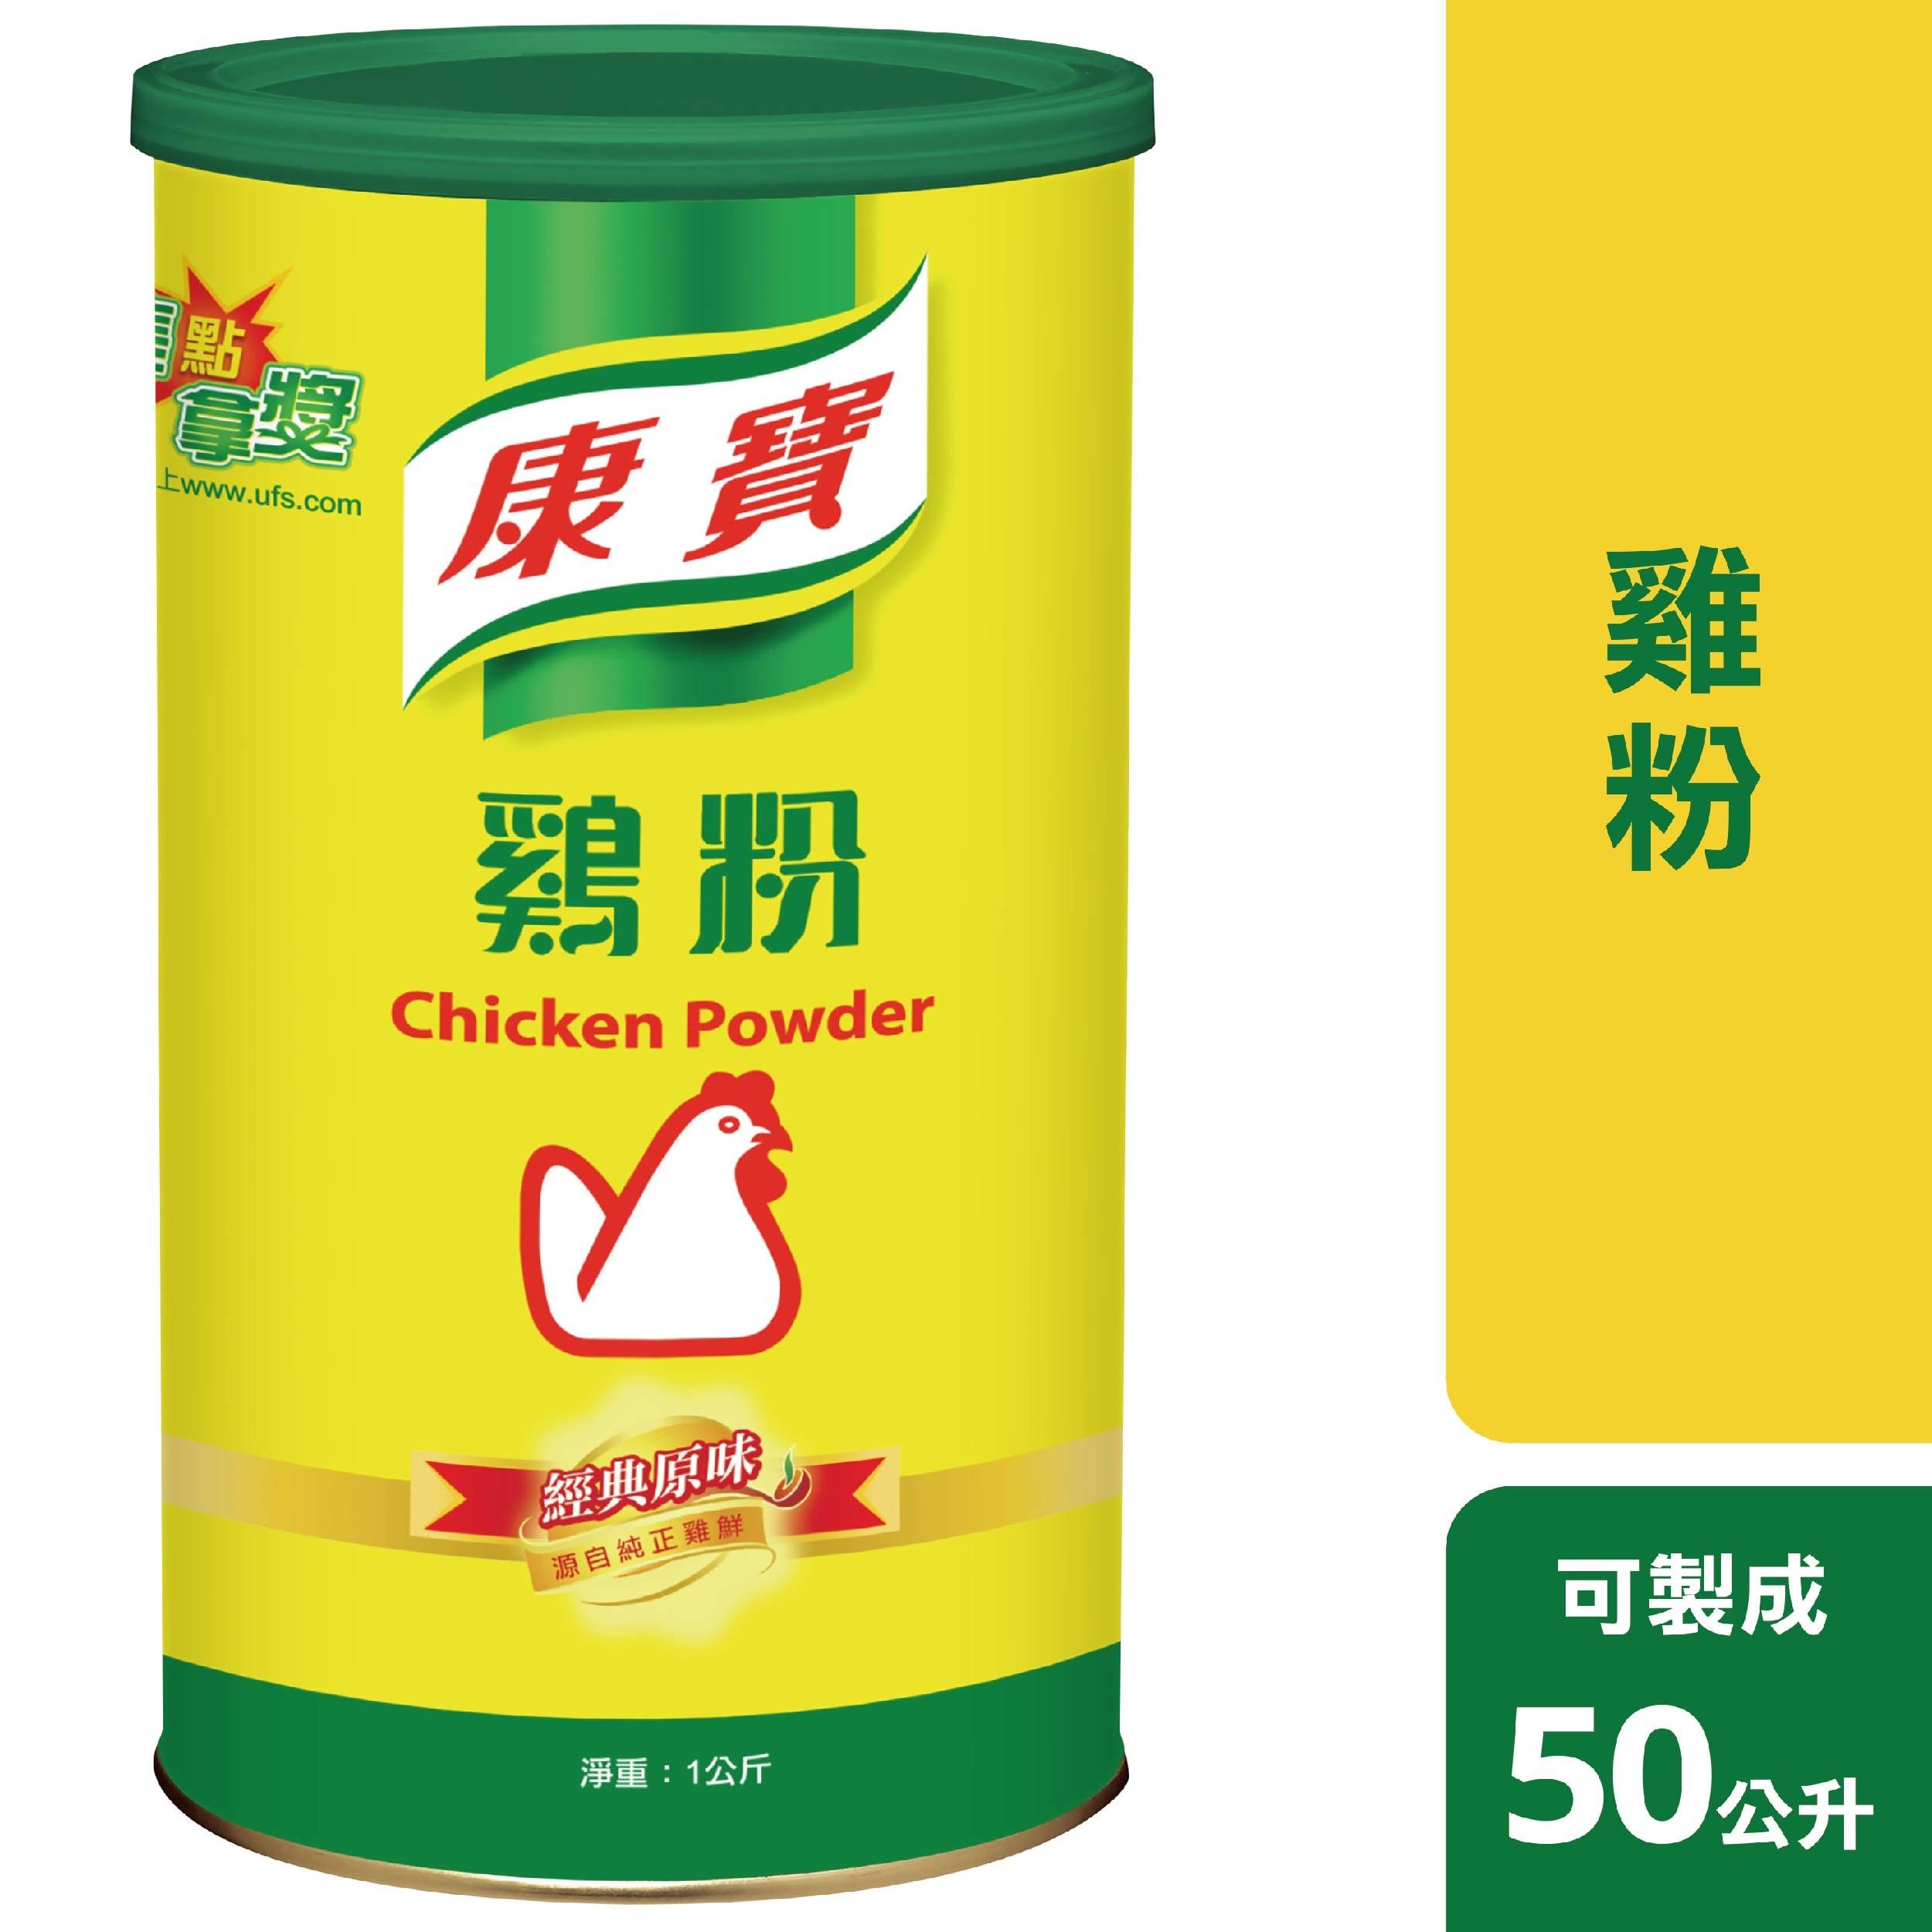 康寶雞粉(1KG & 2KG) - 康寶雞粉,純正雞鮮,經典原味代代相傳